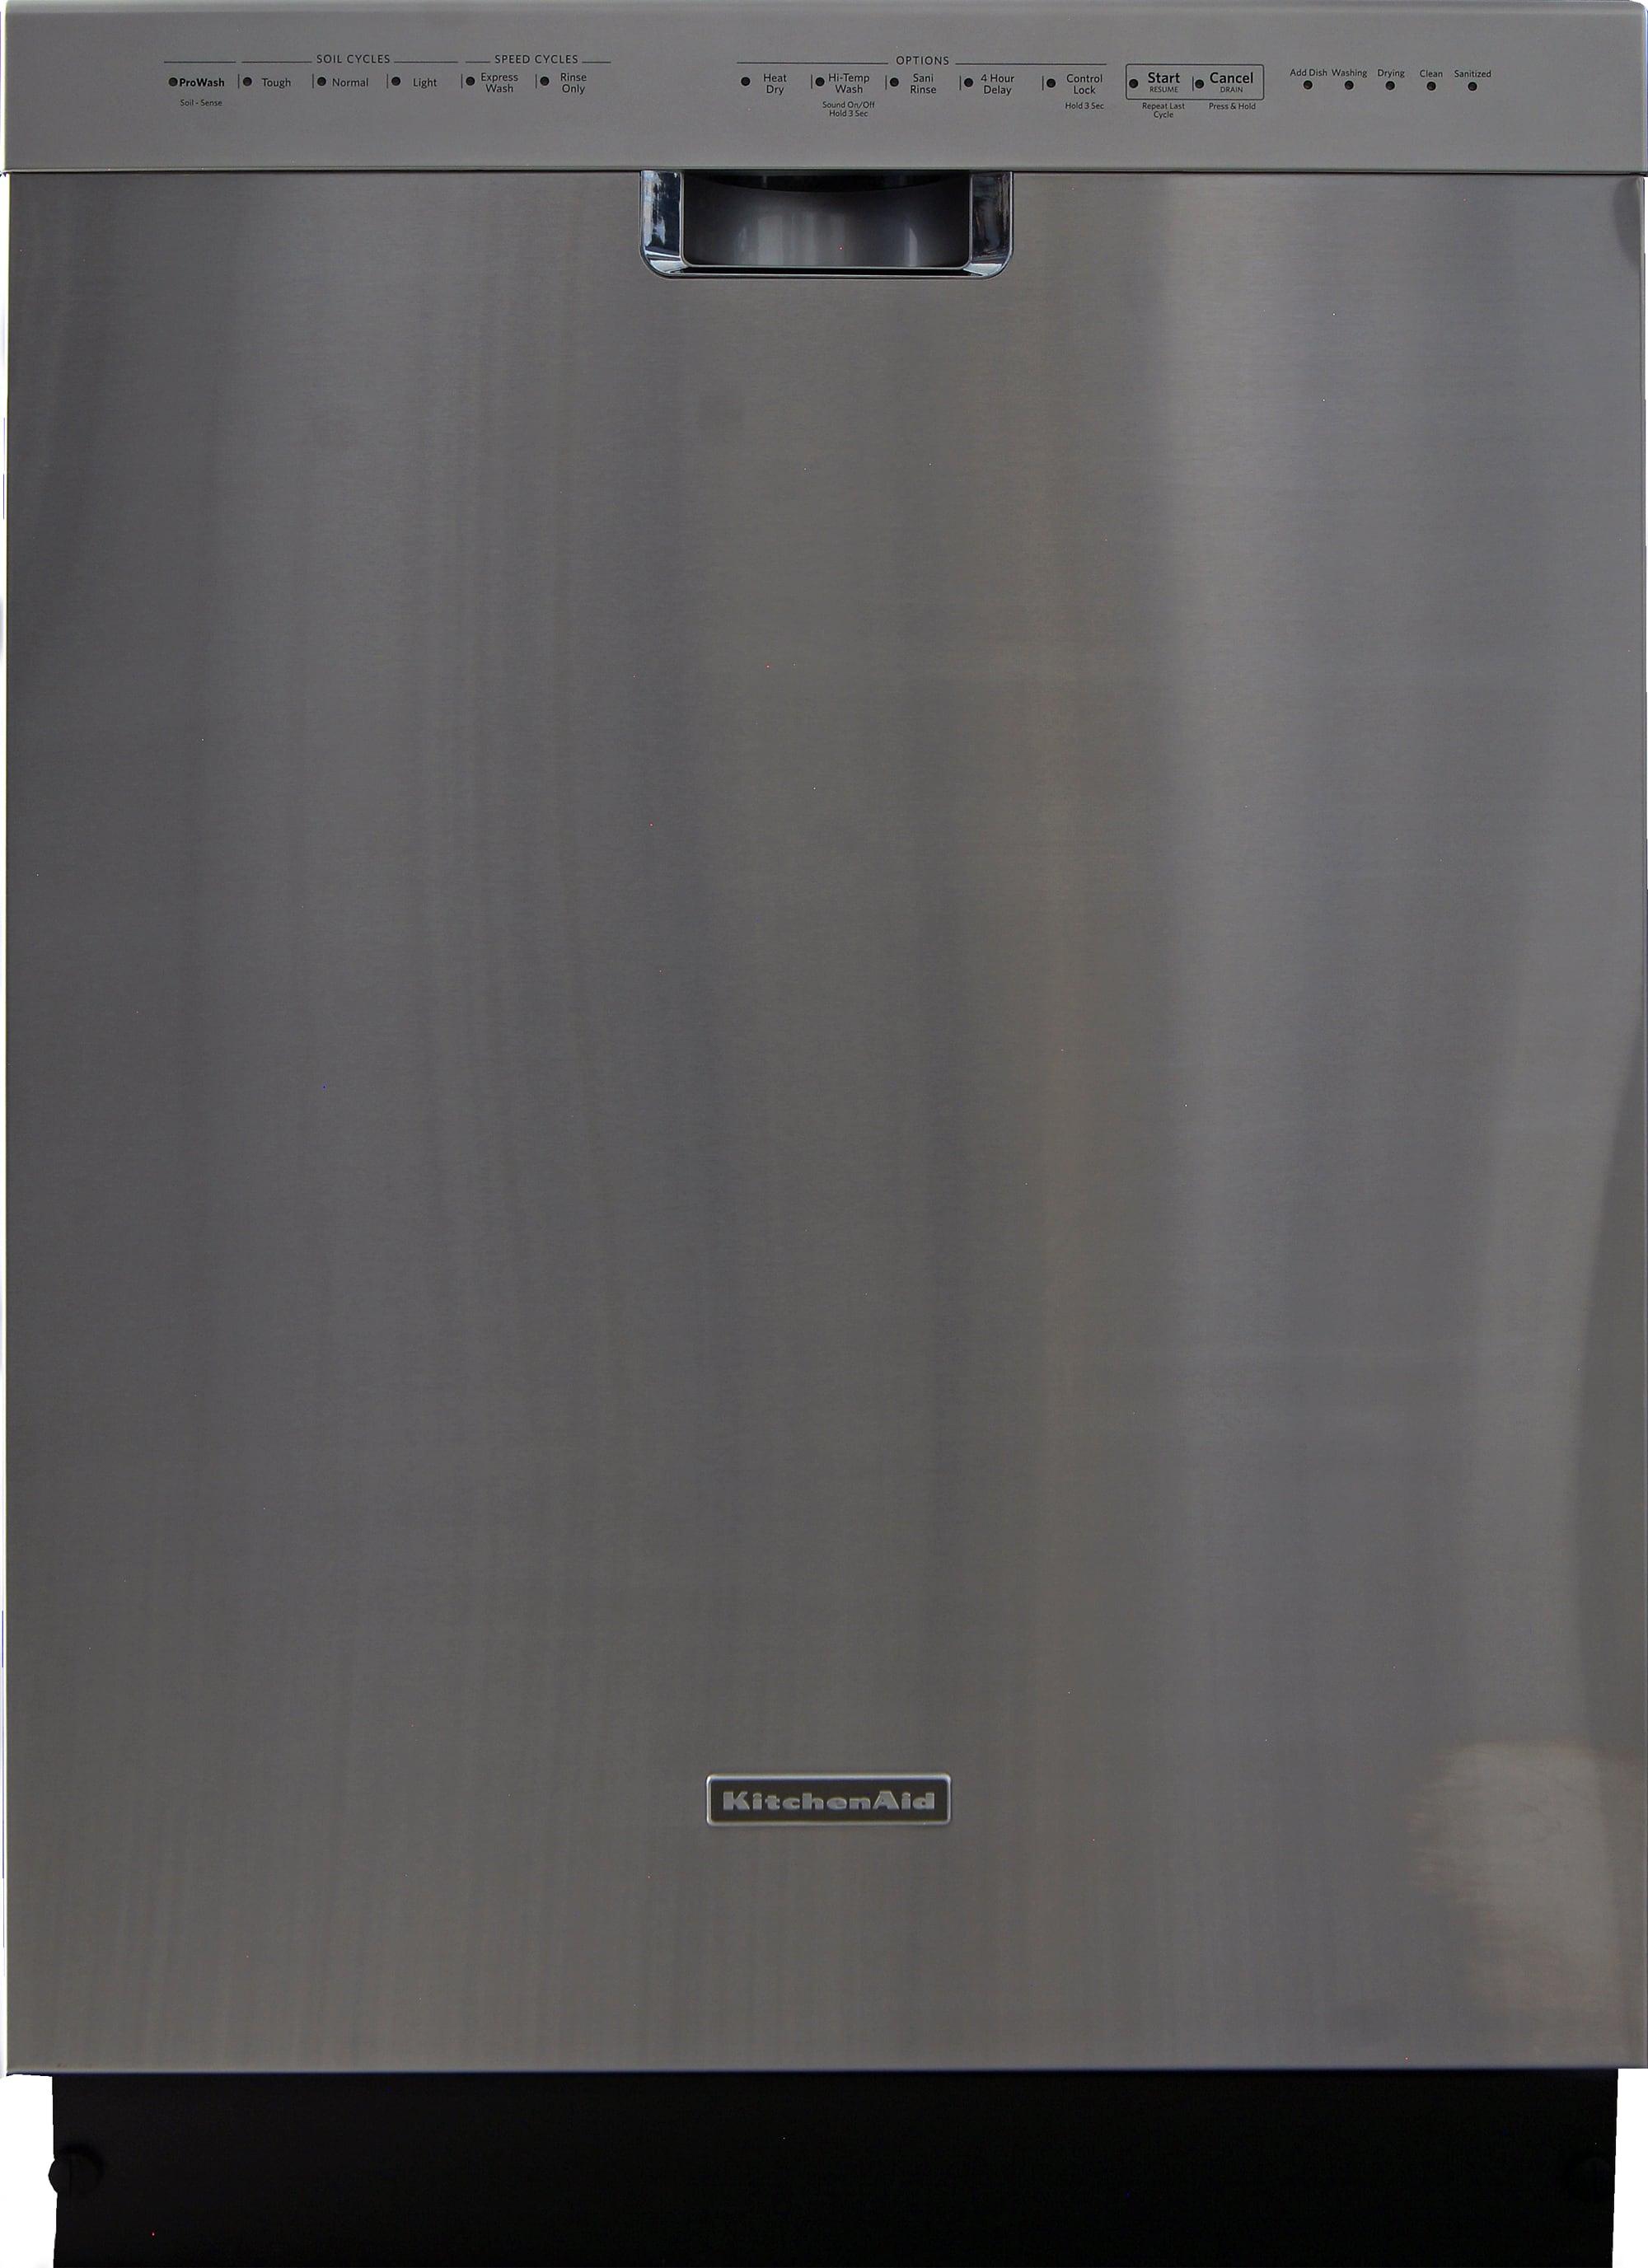 Kitchen Aid Dishwashers Amazon